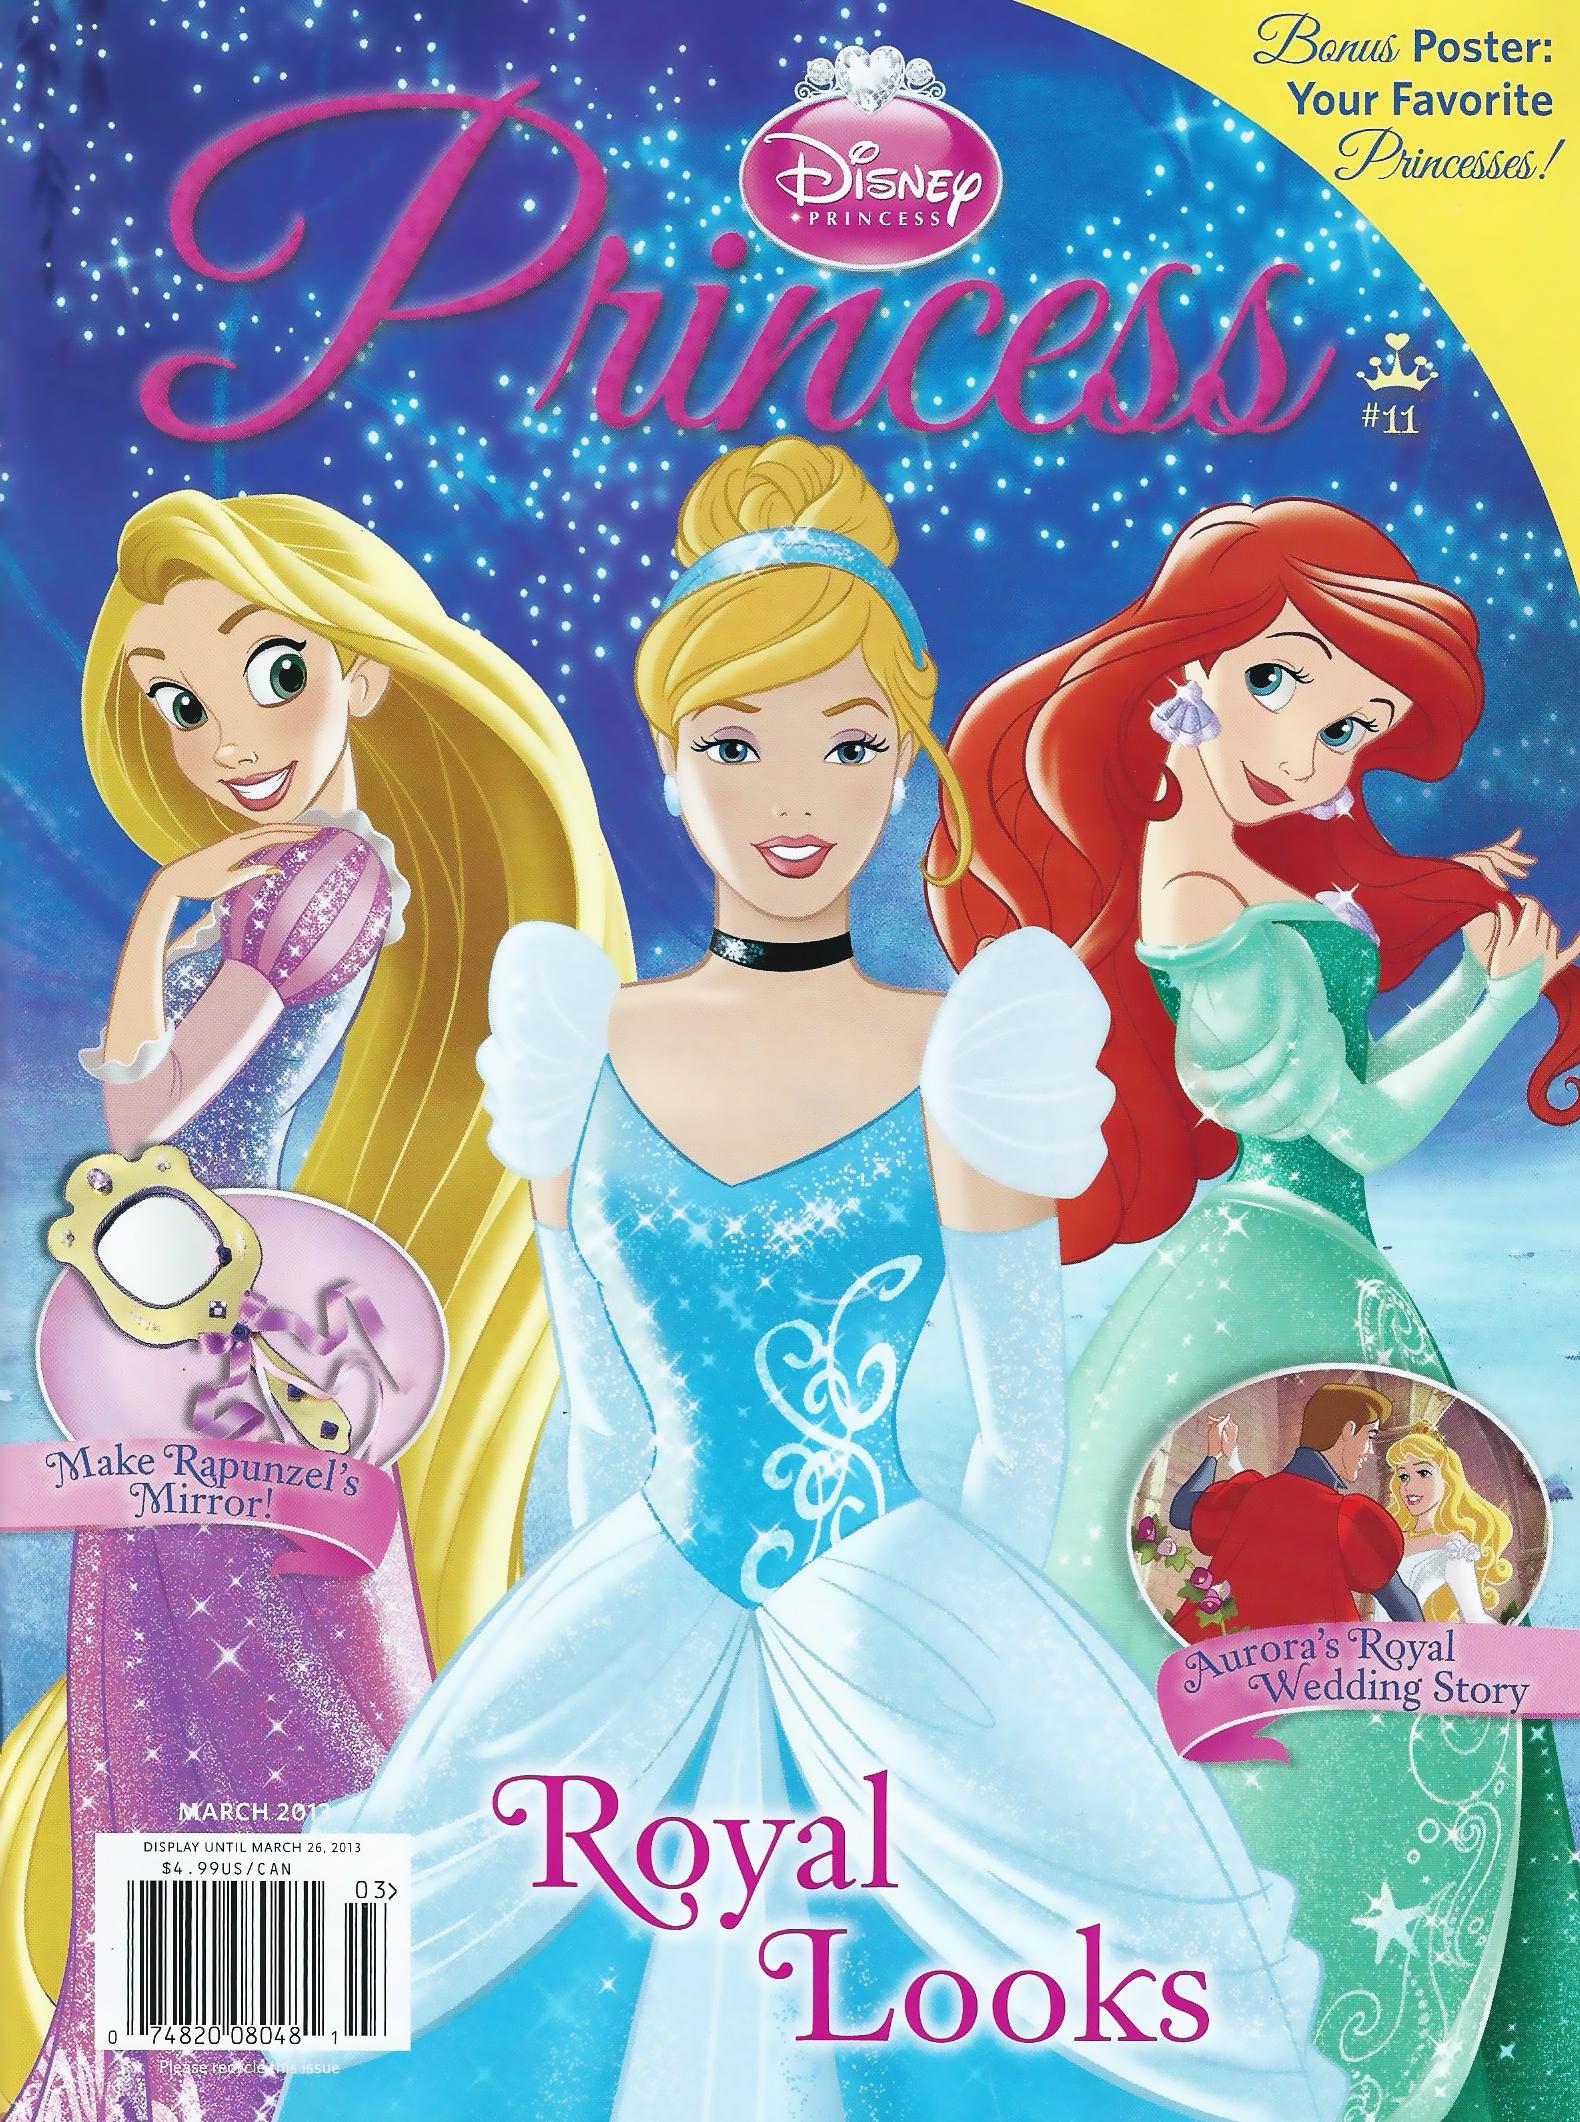 Disney Princess Magazine March 2013 Scans  D Princesses